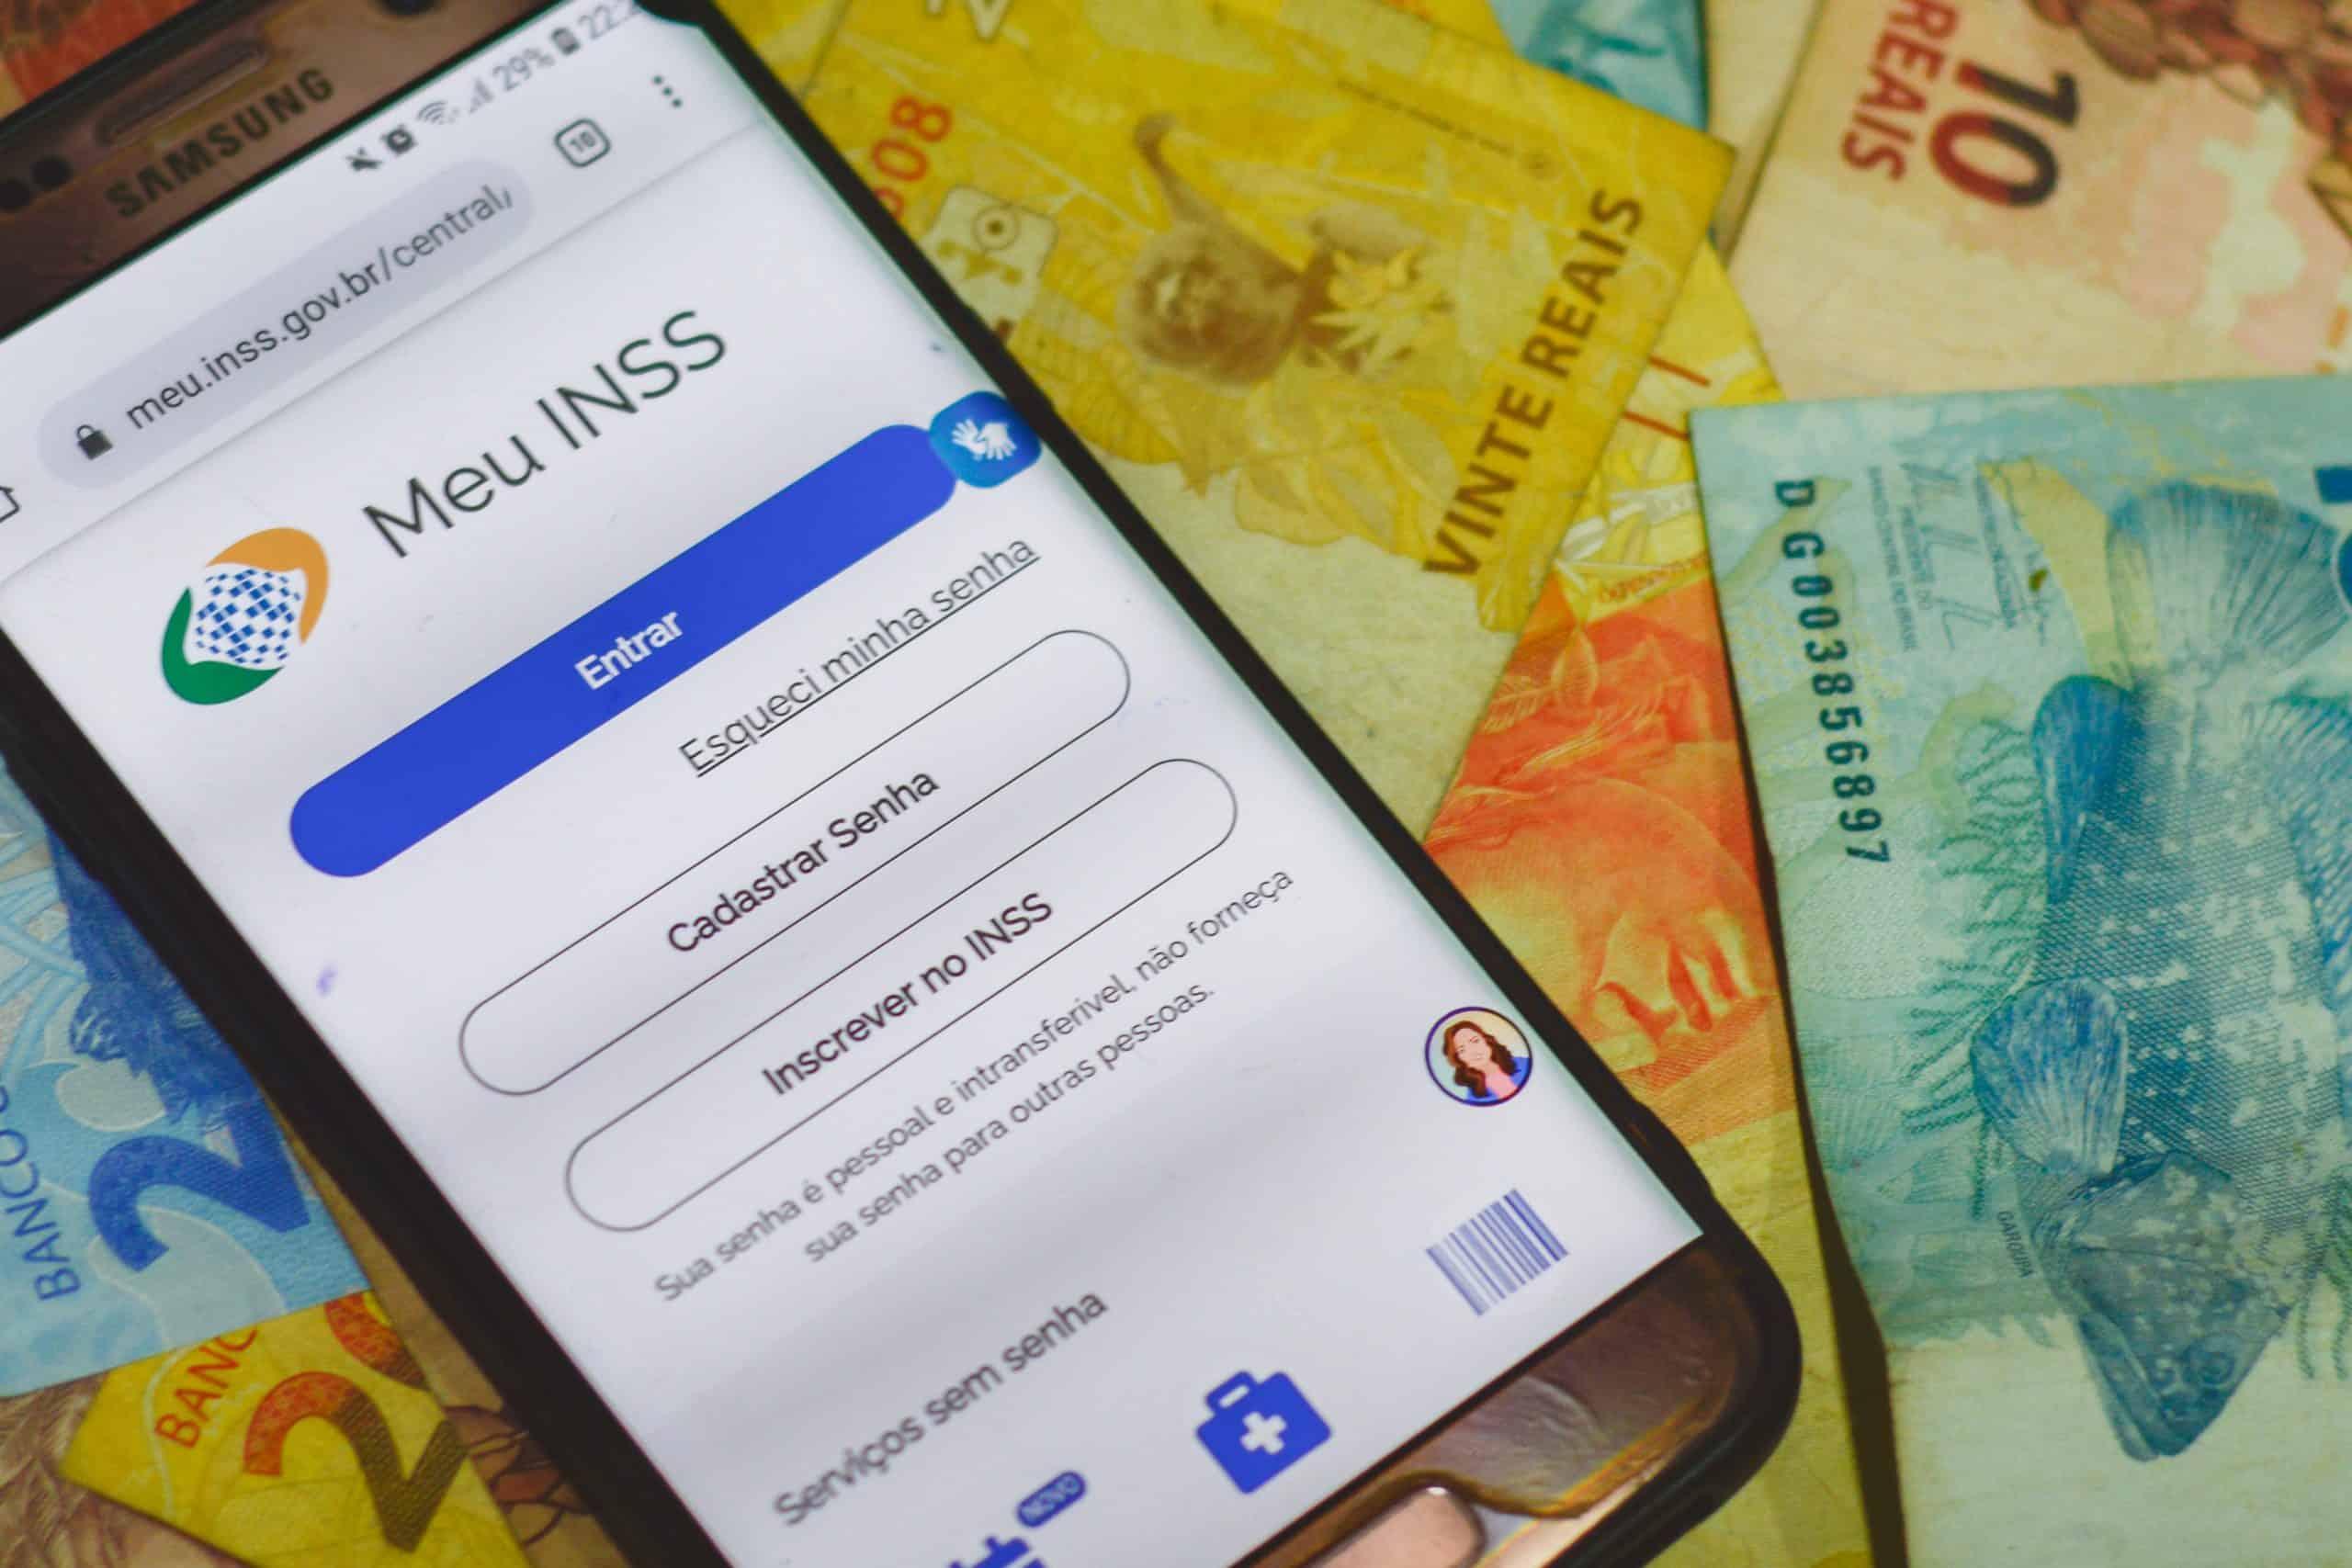 Calendário INSS inicia pagamentos de benefícios acima de 1 salário mínimo (Imagem: Marcos Rocha/ FDR)